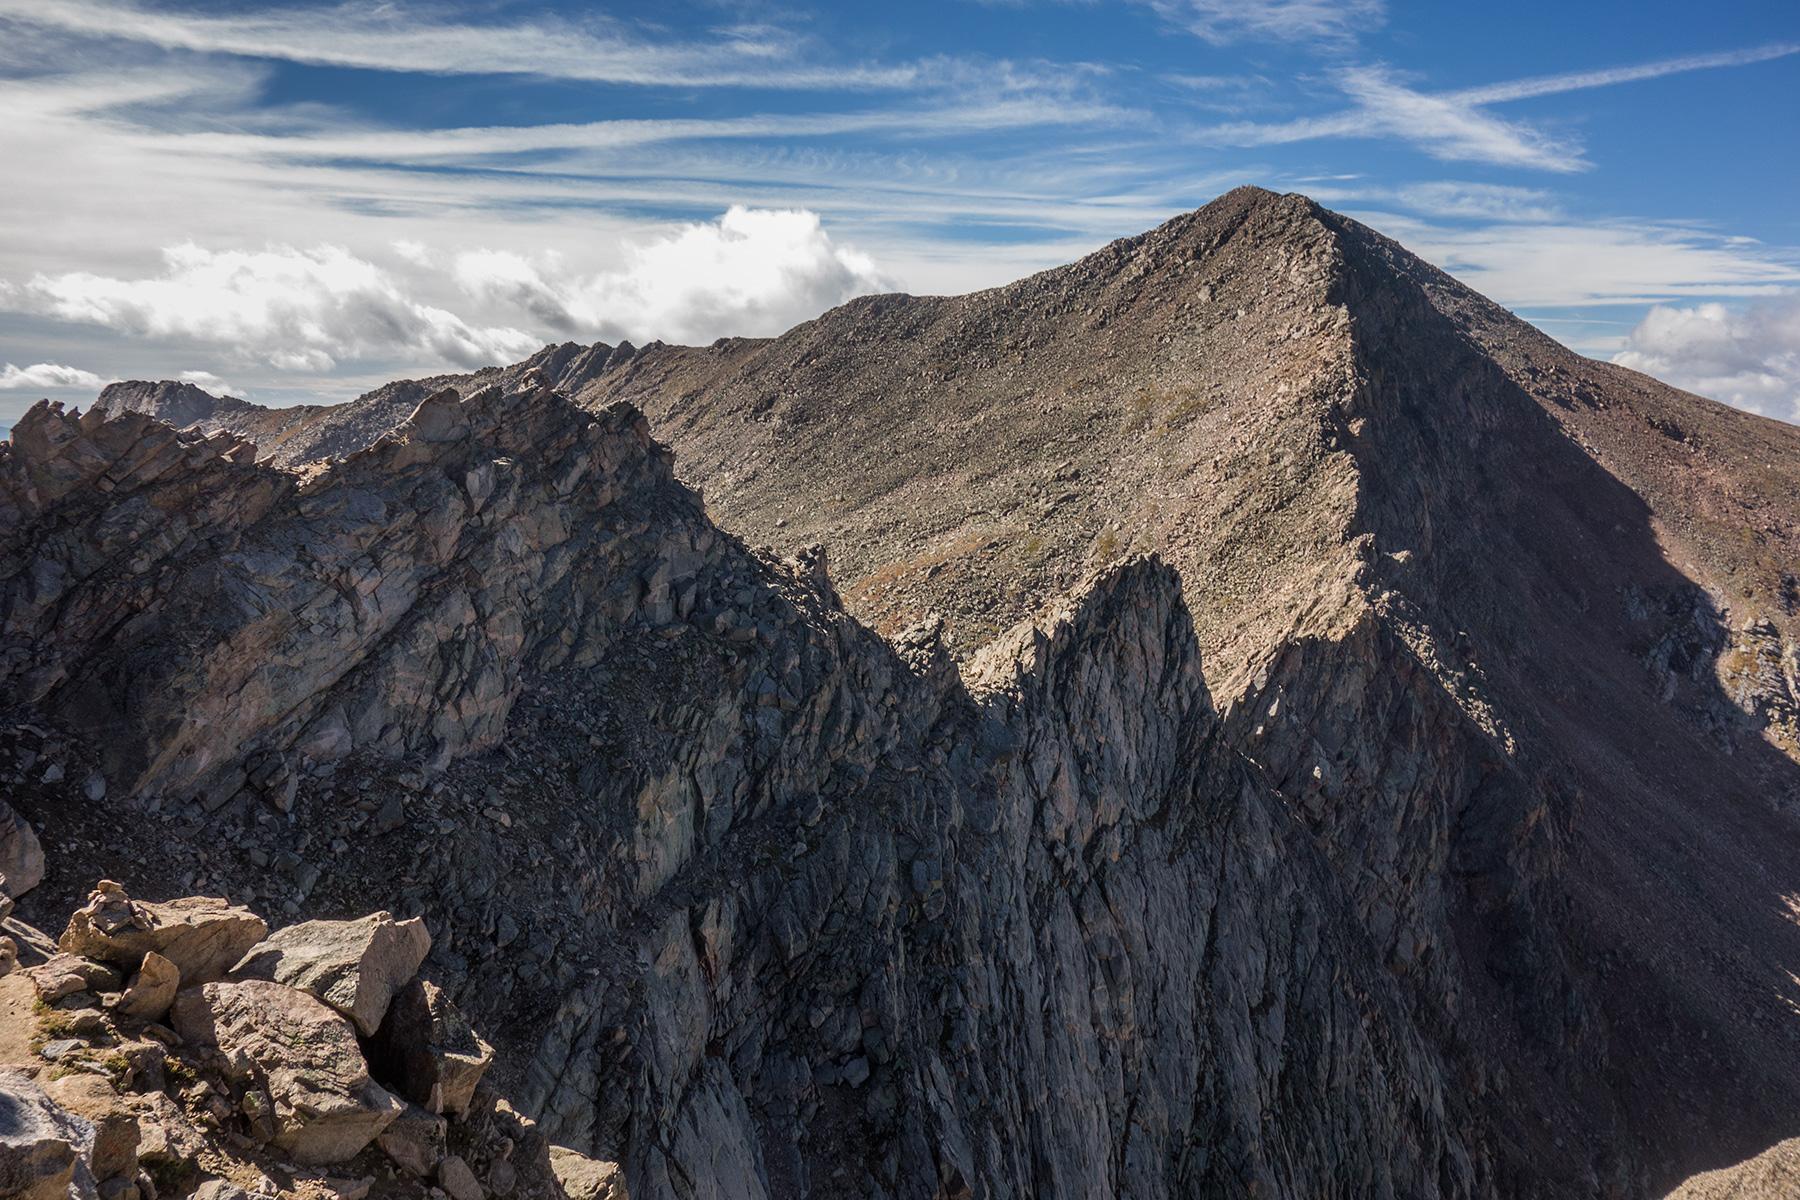 Mount Bierstadt, West Evans, Mount Evans (CO) – Photo Gallery